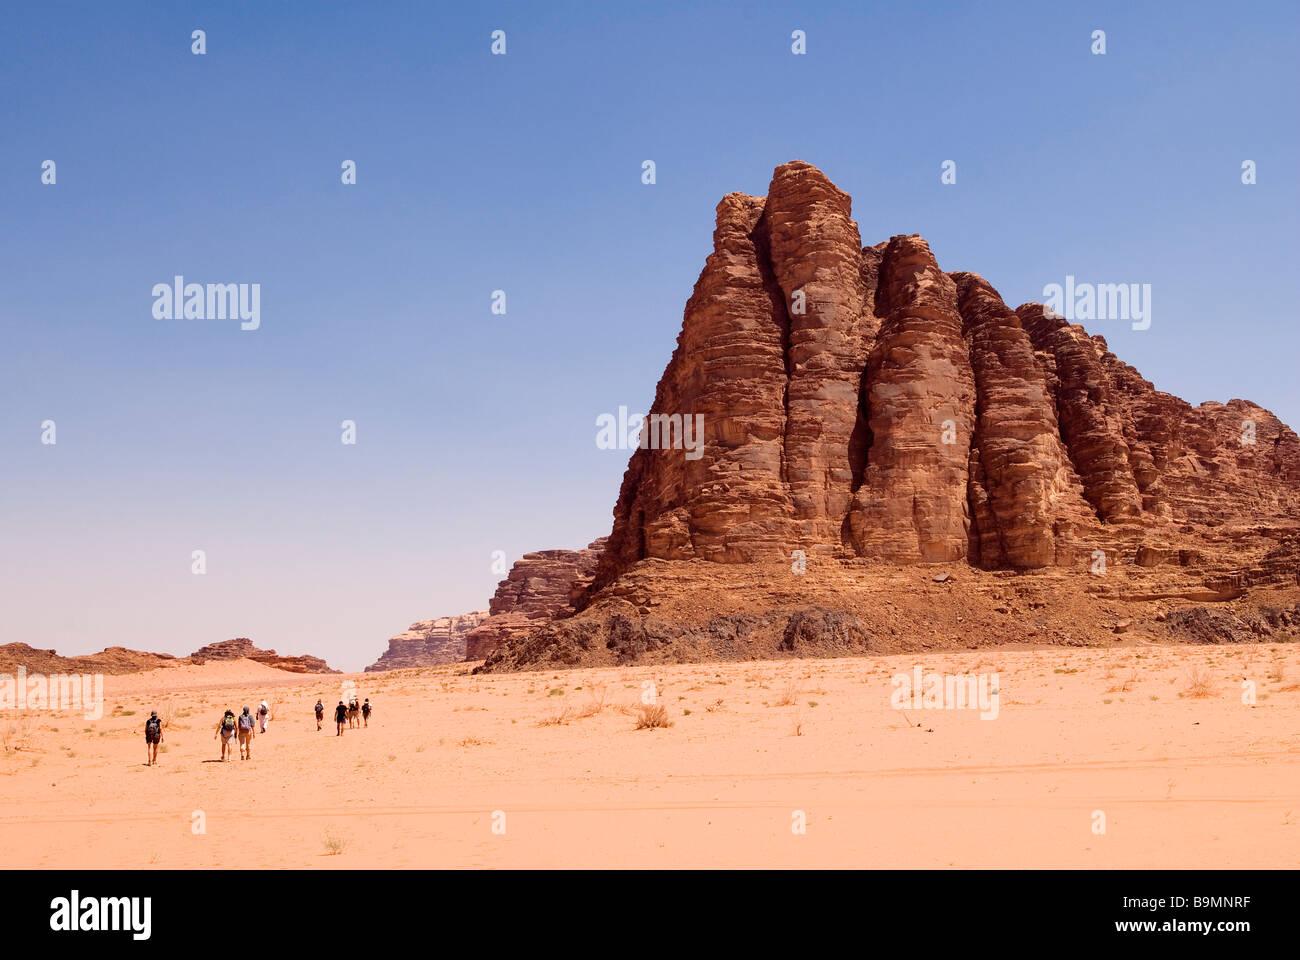 Desert Rock Pillars : Jordan wadi rum desert um ishrin mountains the seven